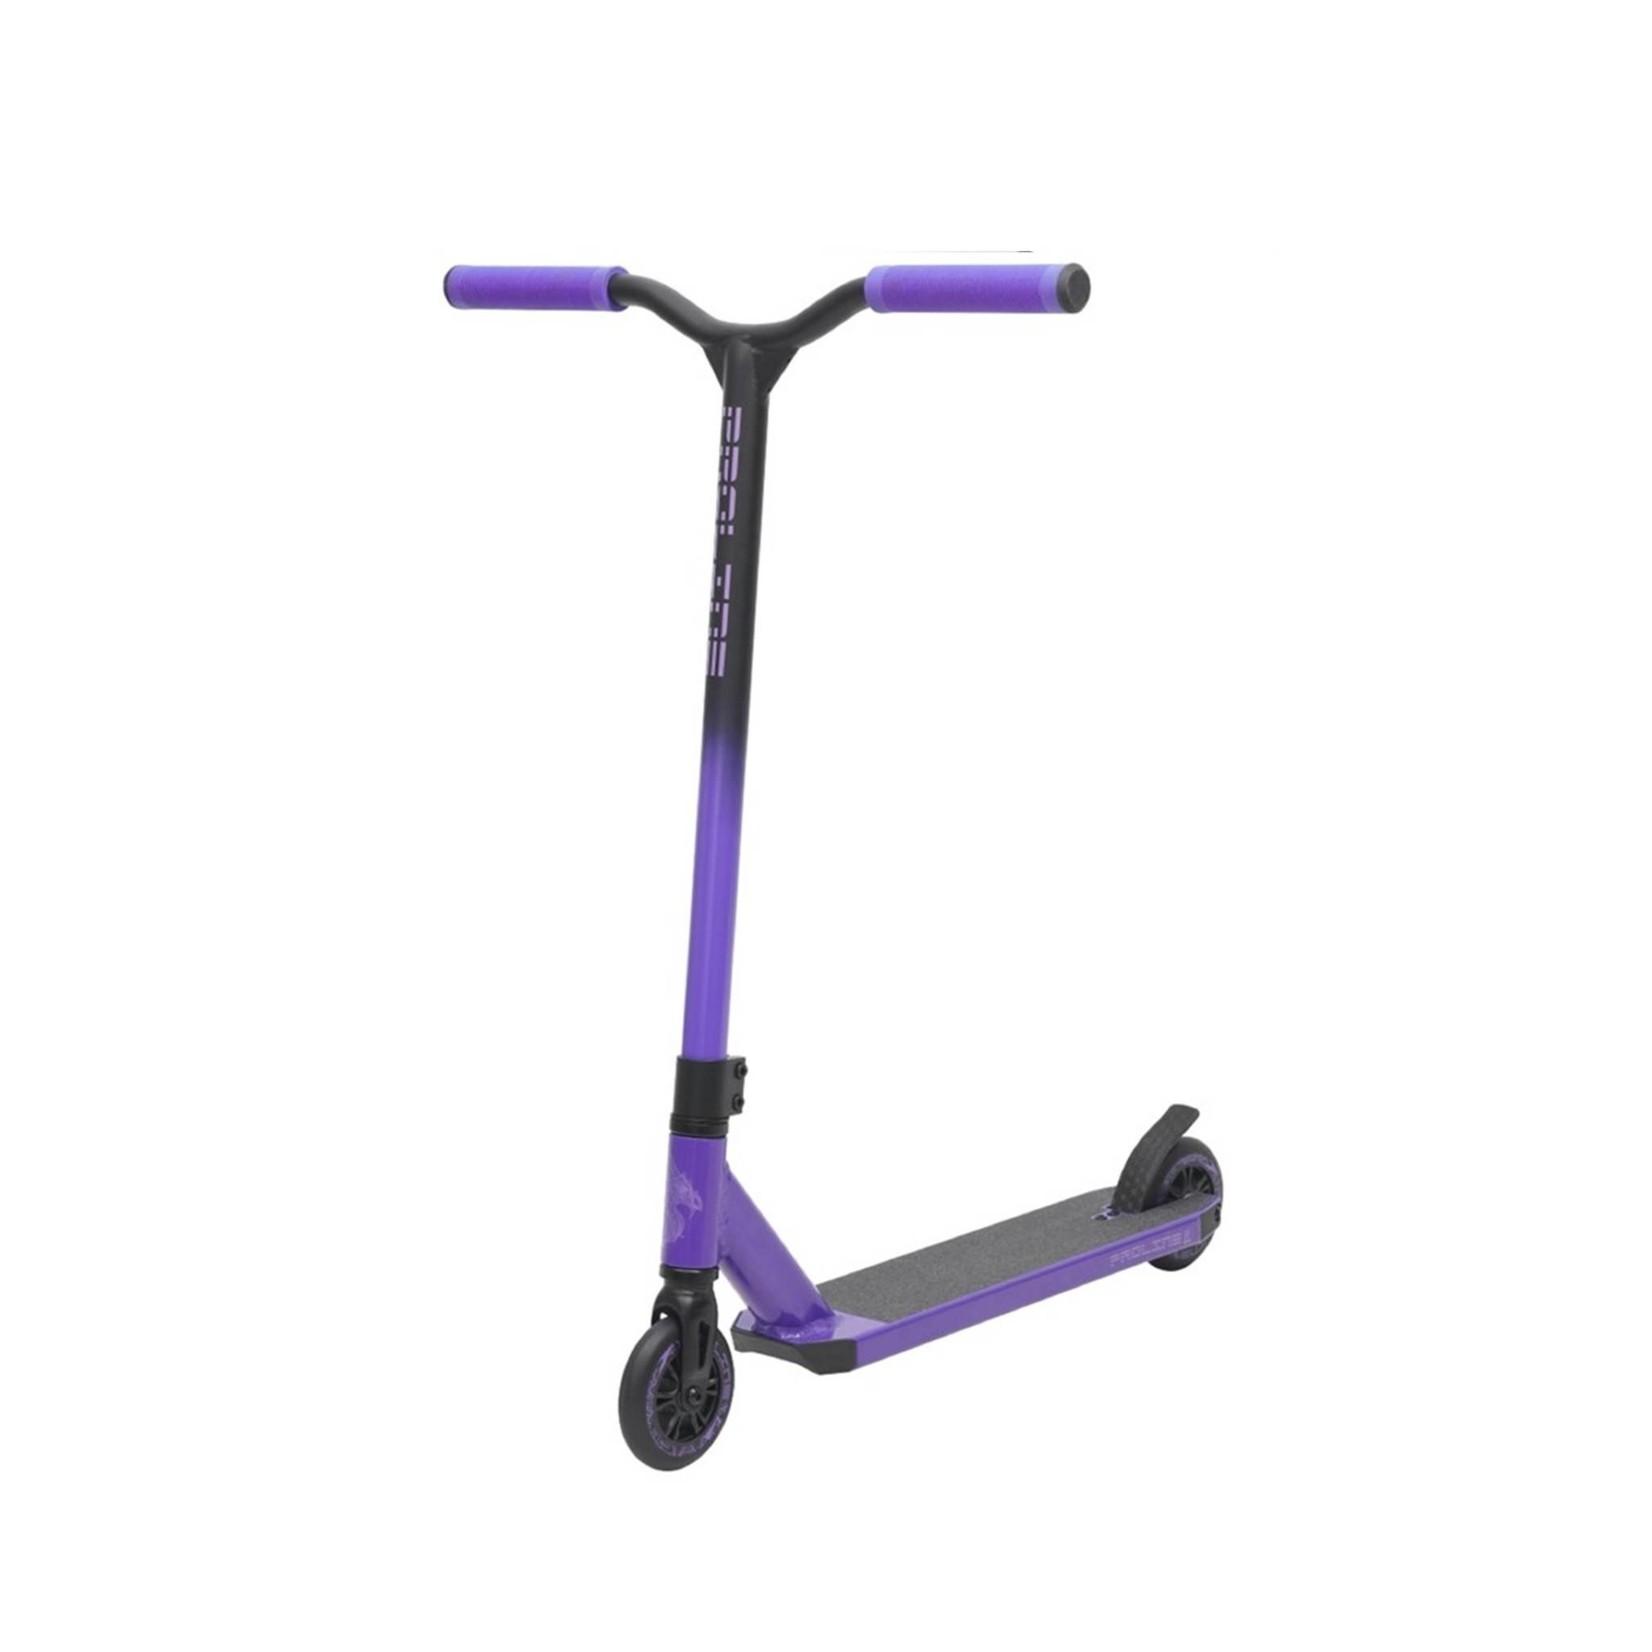 PROLINE Proline L1 Scooter Purple